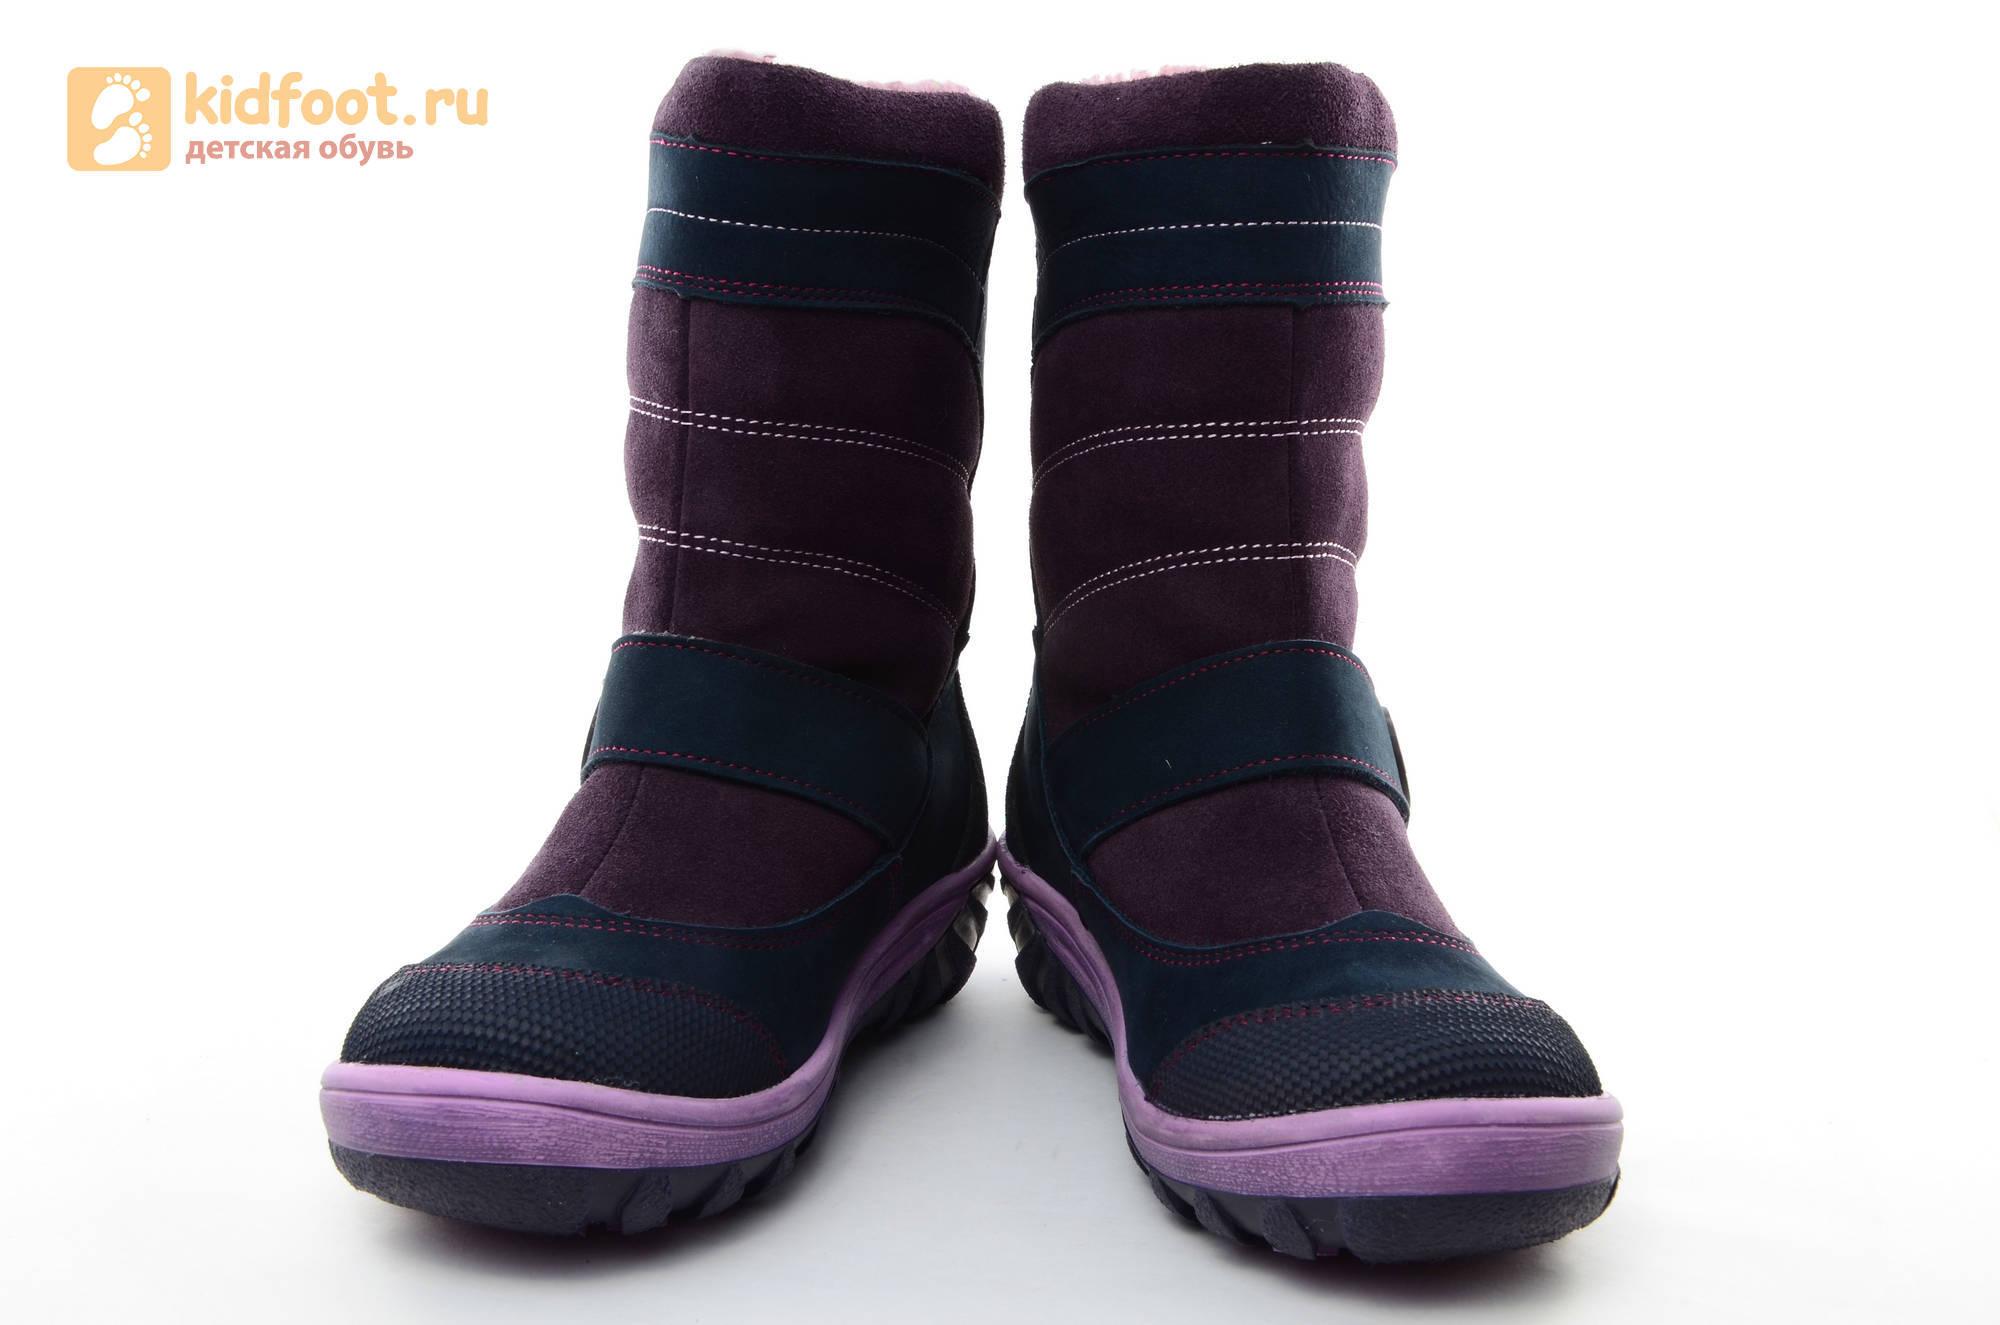 Зимние сапоги для девочек из натуральной кожи на меху Лель, цвет черника